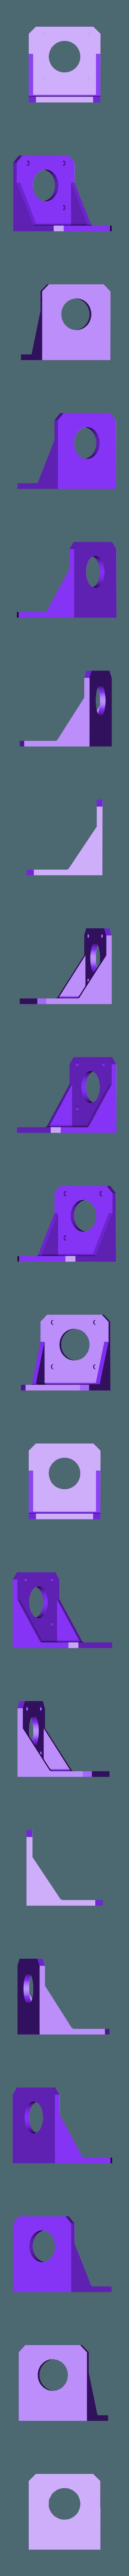 NEMA17MountingLBracket.stl Télécharger fichier STL gratuit Pièces 3D pour l'imprimante Ceramic DIY • Objet à imprimer en 3D, fgeer